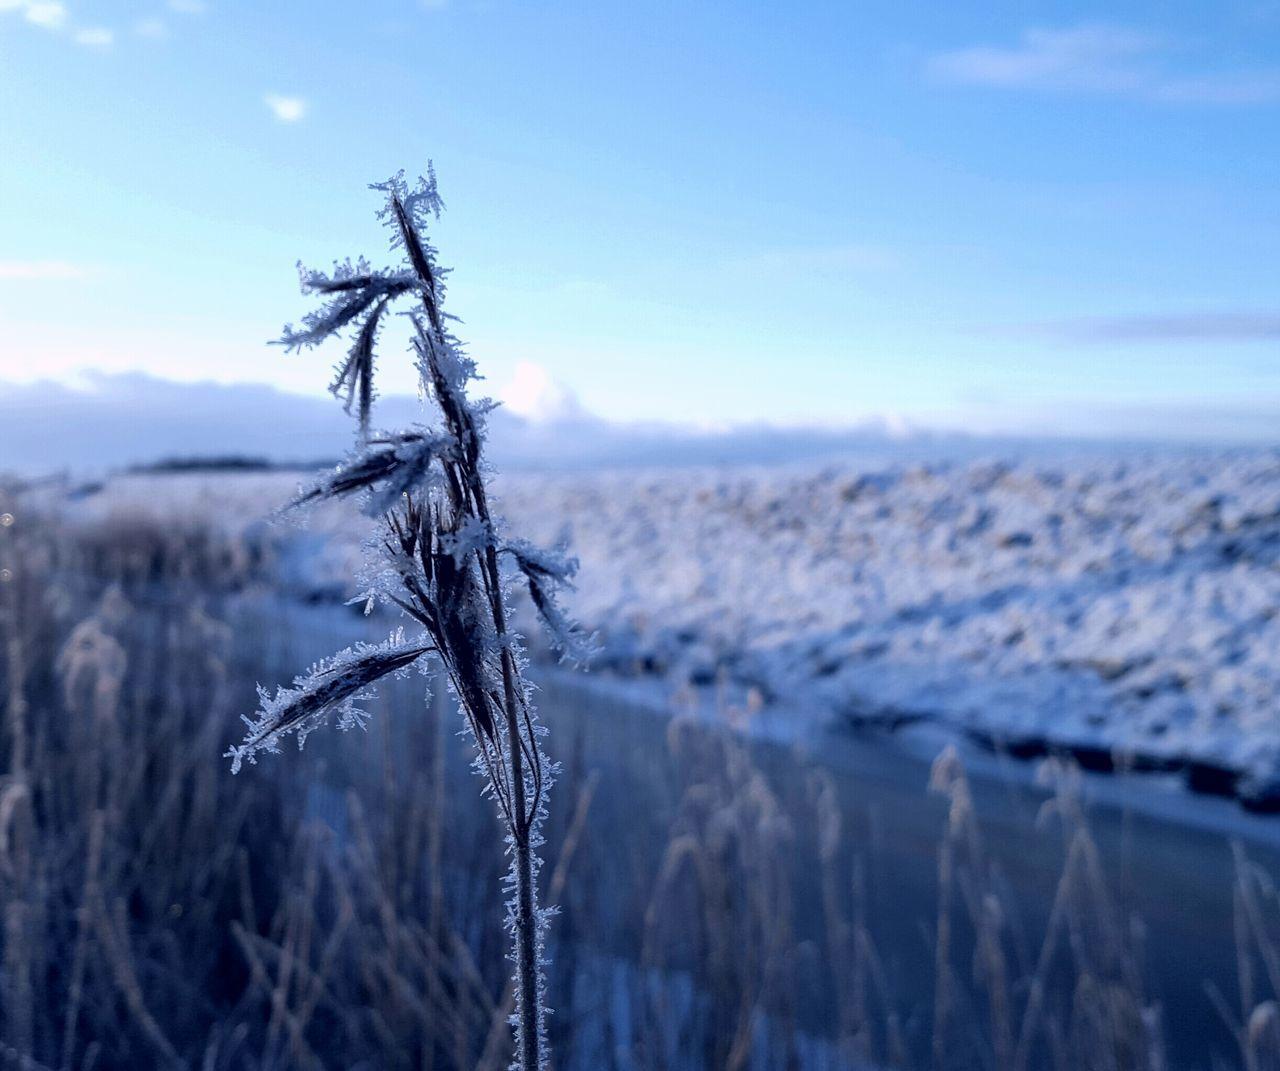 Winter Wintertime Winter Wonderland Winterwonderland Snow Snow ❄ Schnee Nordfriesland Eiderstedt